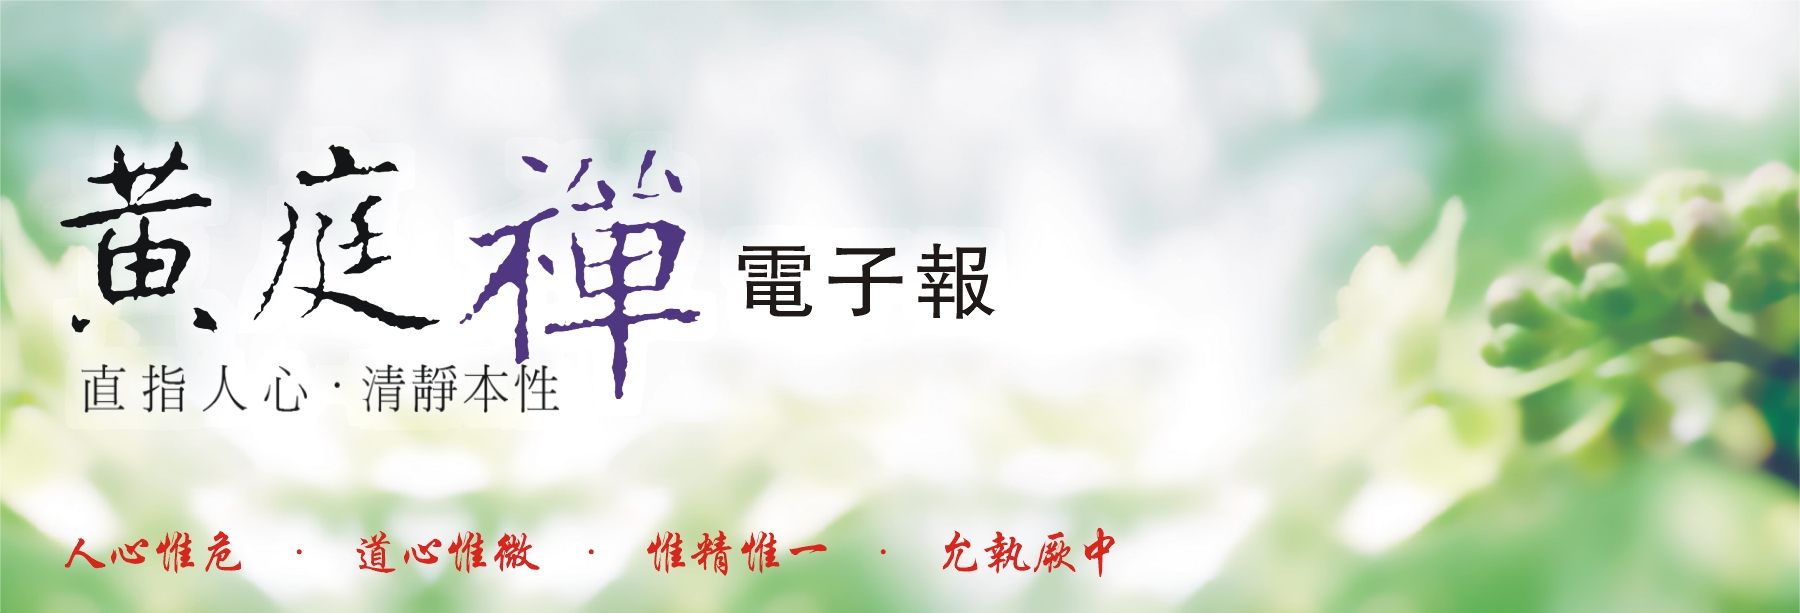 中華黃庭禪學會2015.07.11電子報